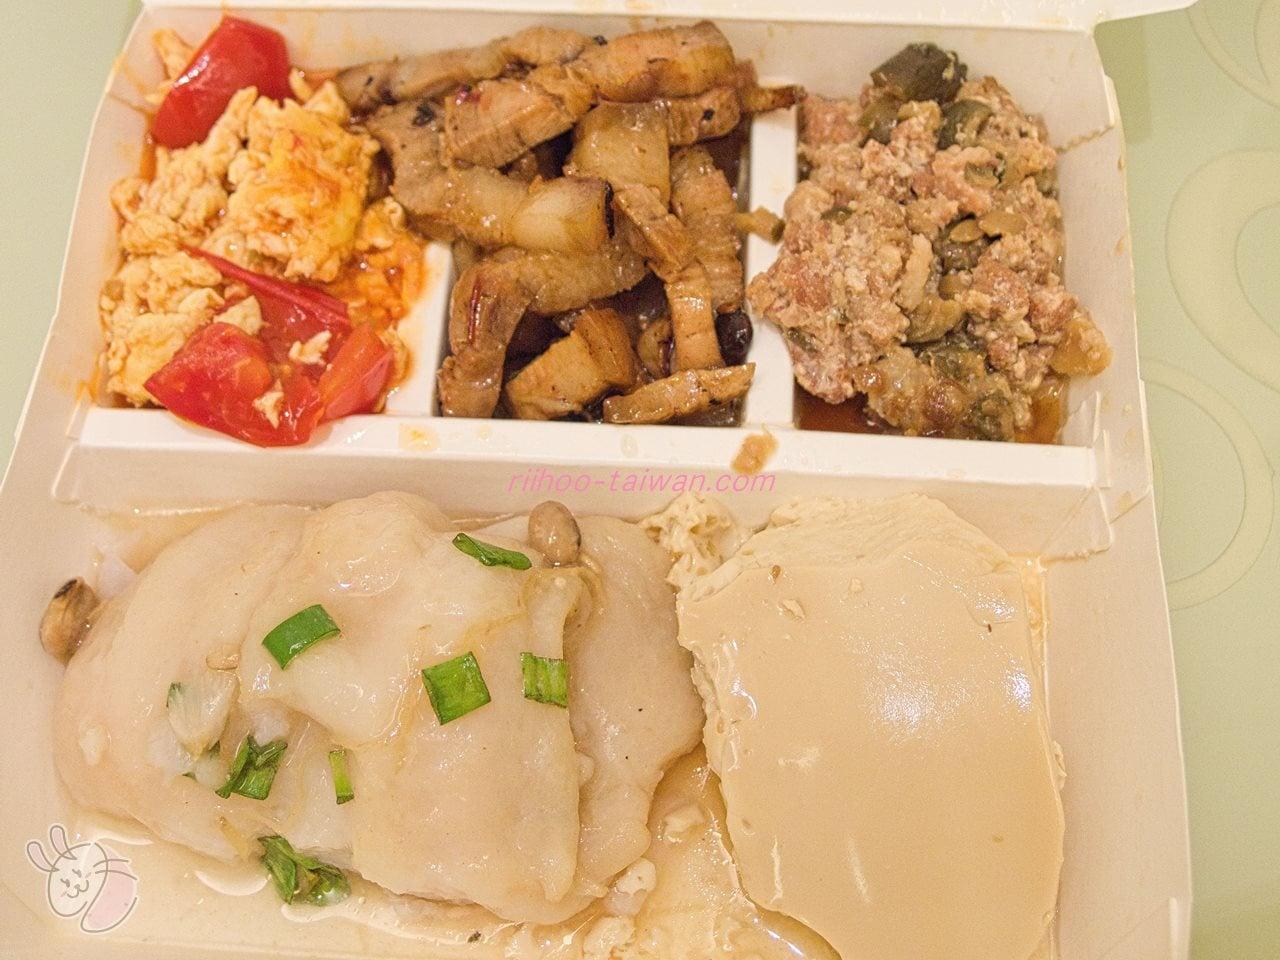 定宿ホテルの向かいにあるセルフ式食堂自助餐で買った弁当